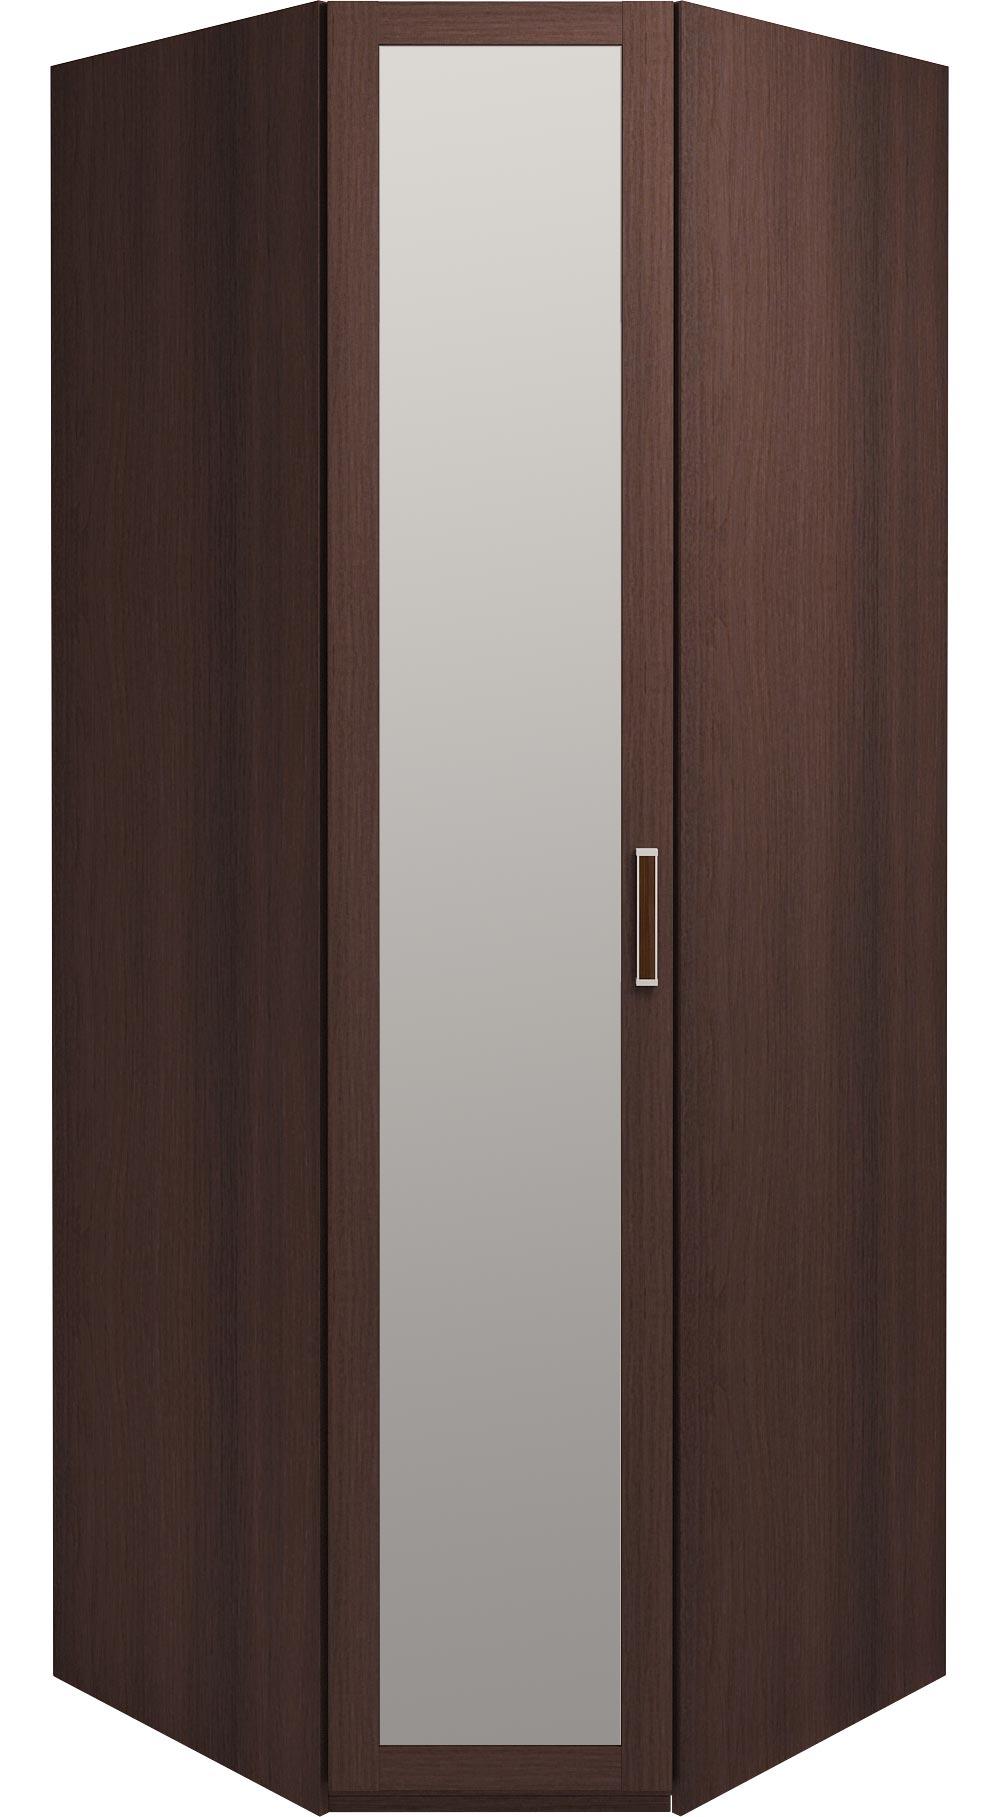 Шкаф угловой с зеркалом Ижмебель Скандинавия, арт. 5